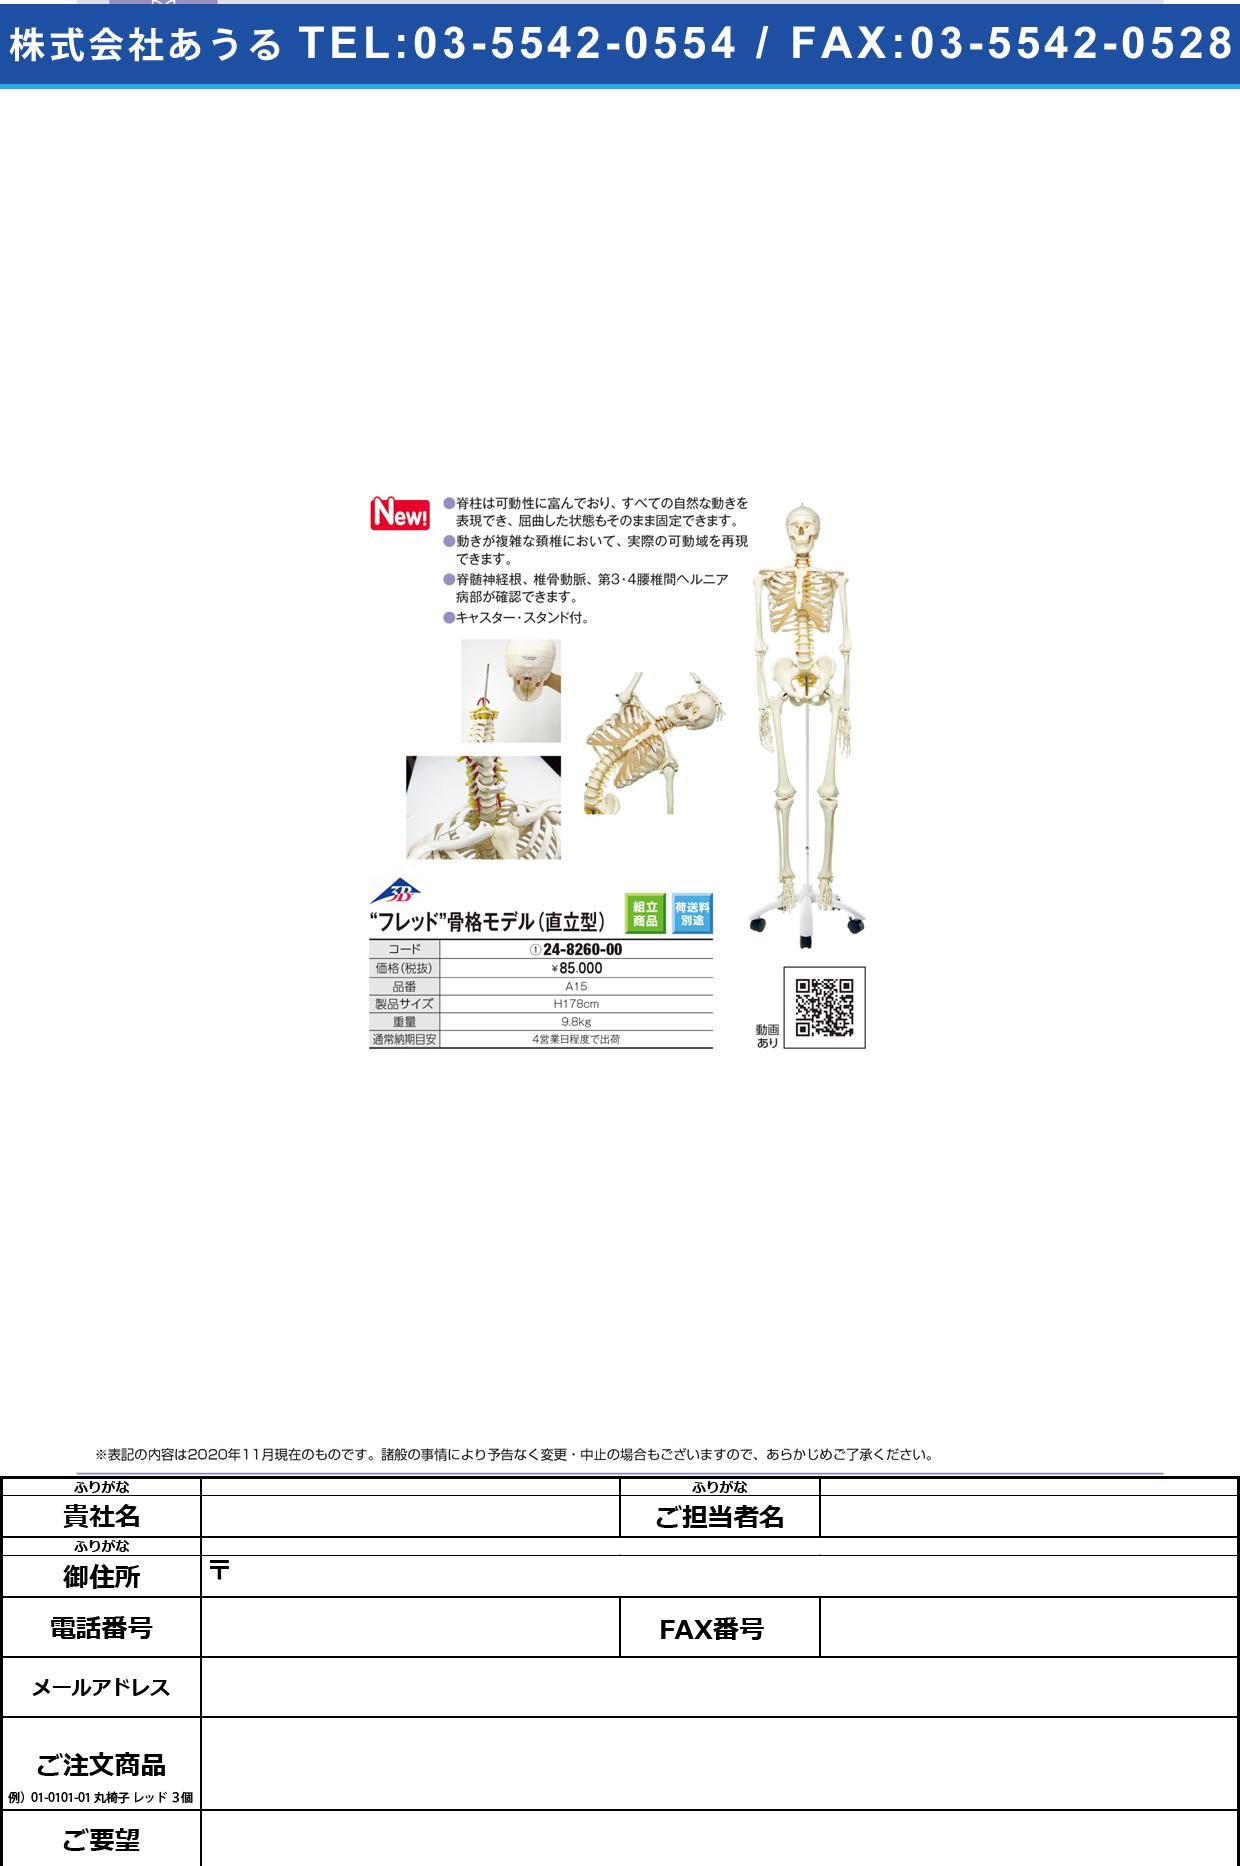 骨格交連模型(脊柱可動型) A15A15(24-8260-00)【日本3Bサイエンティフィック】(販売単位:1)